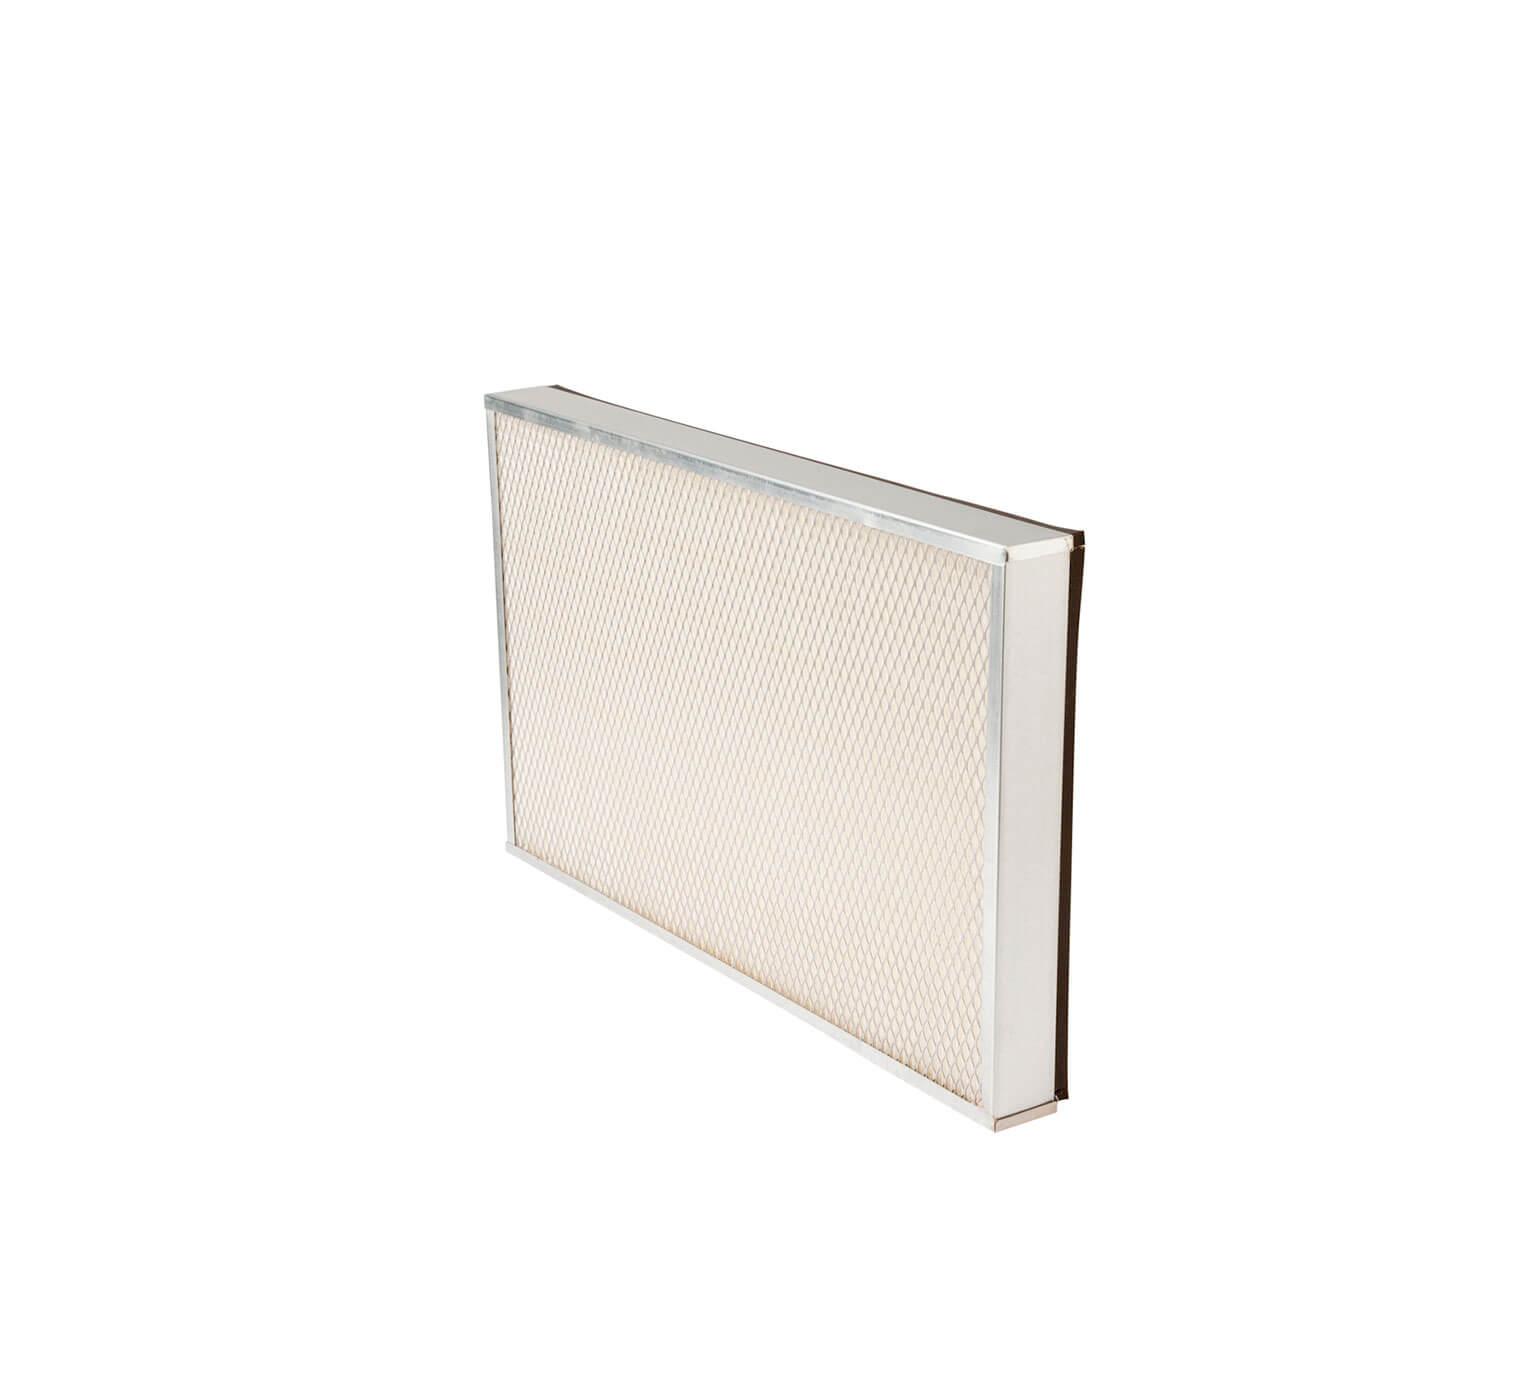 1037206AM <br>Панельный фильтр из целлюлозного волокна — 2,7 x 16 x 26 дюймов